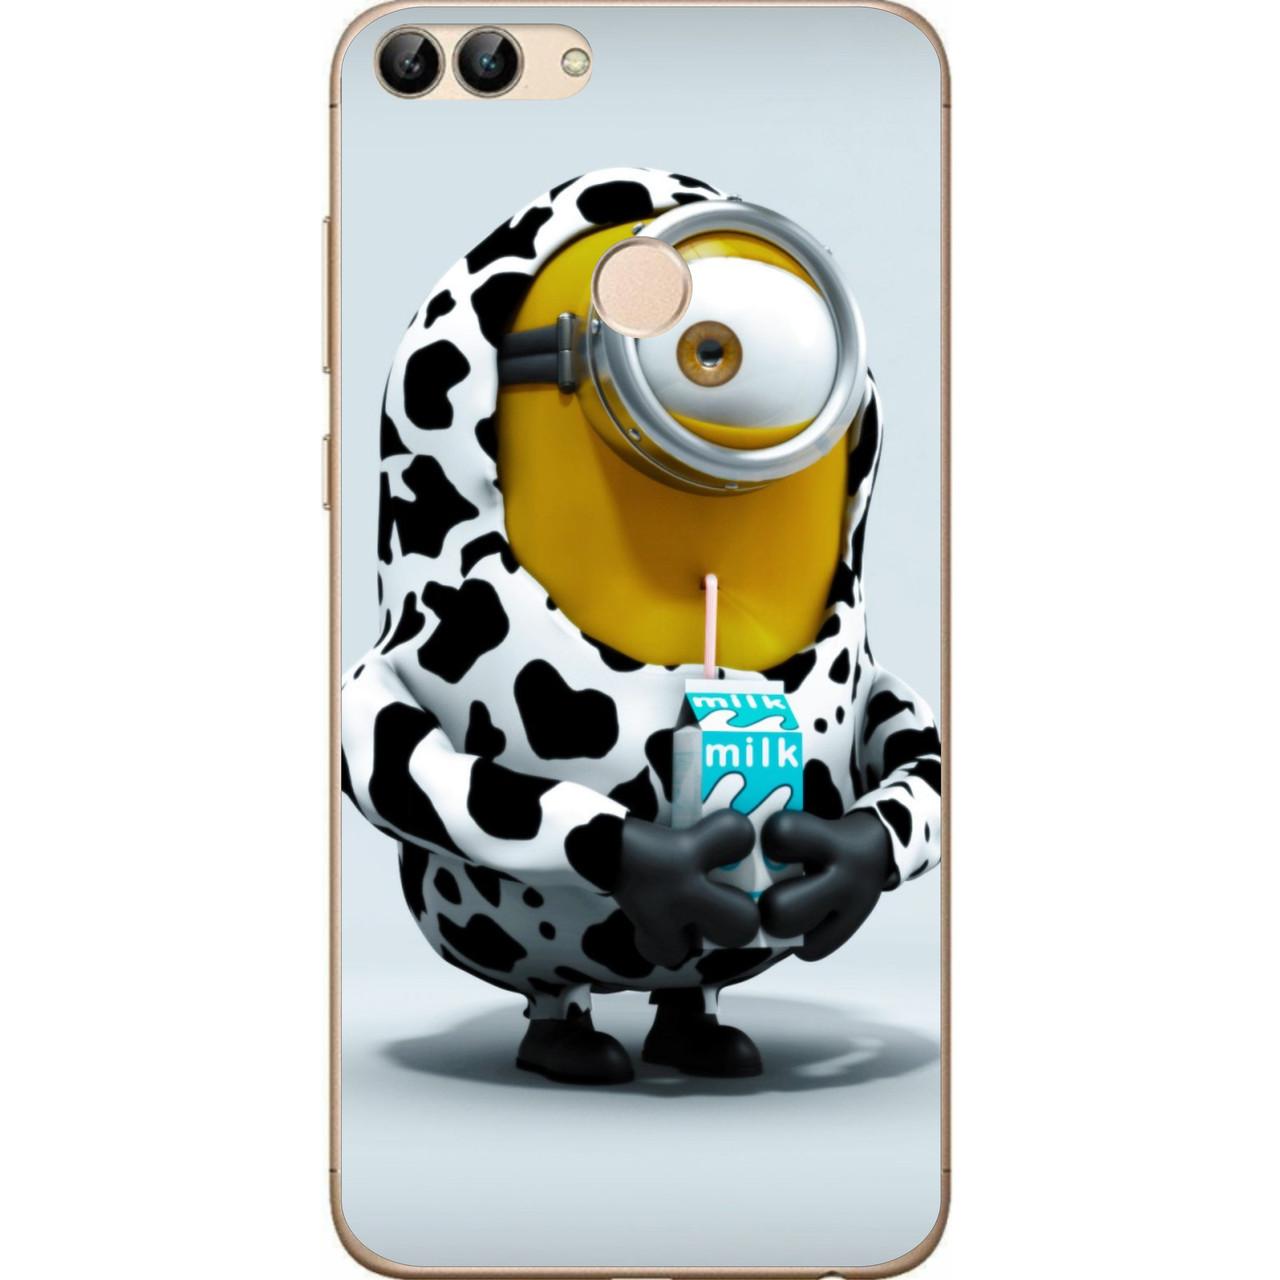 Силиконовый чехол бампер для Huawei P Smart с картинкой Миньон с молоком